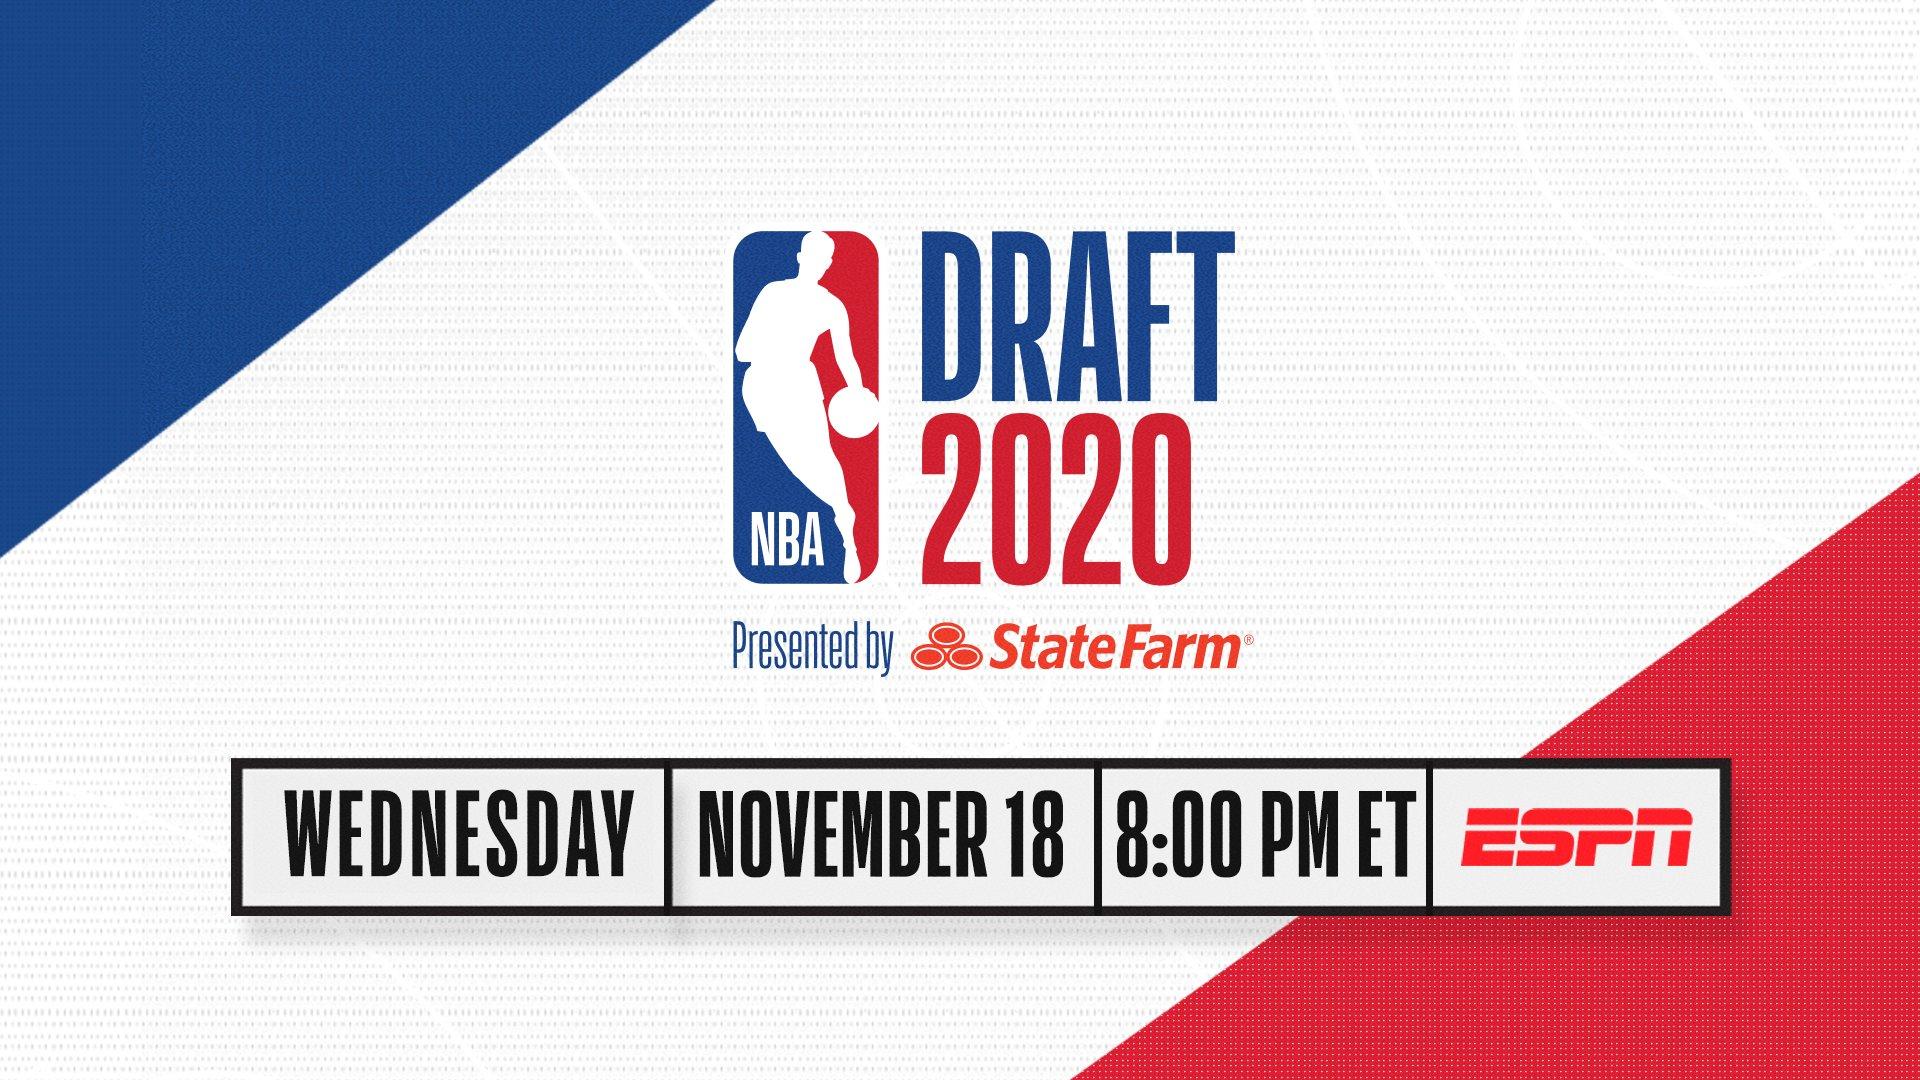 ¿Qué pasará en el DRAFT y en la temporada 75 de la NBA?